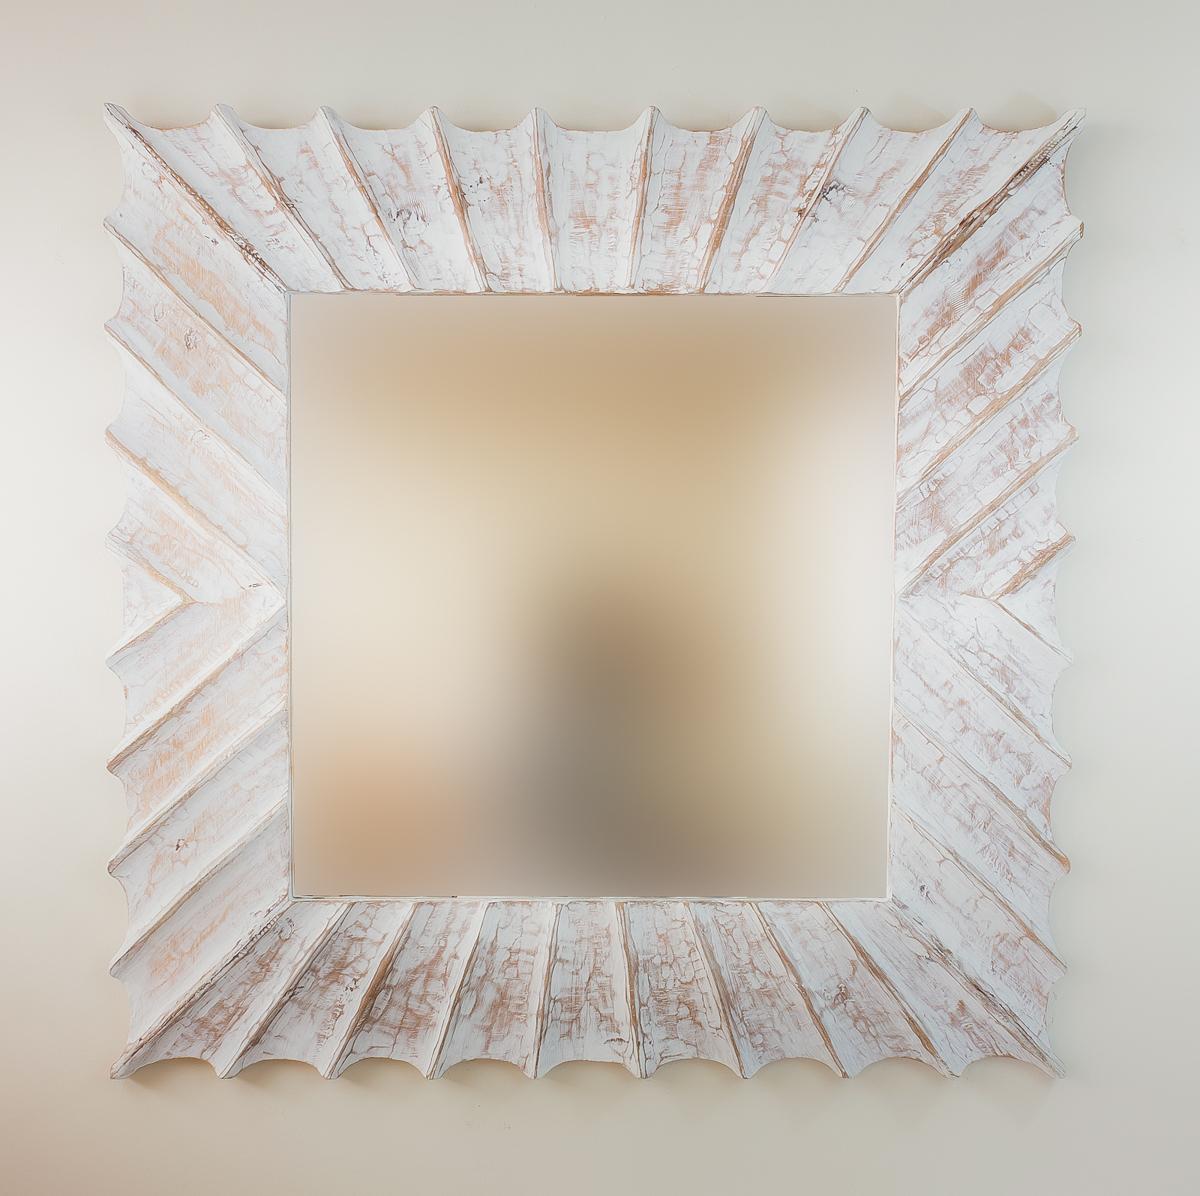 Espejo de pared en madera sol surya burik blanco envejecido for Espejo blanco envejecido